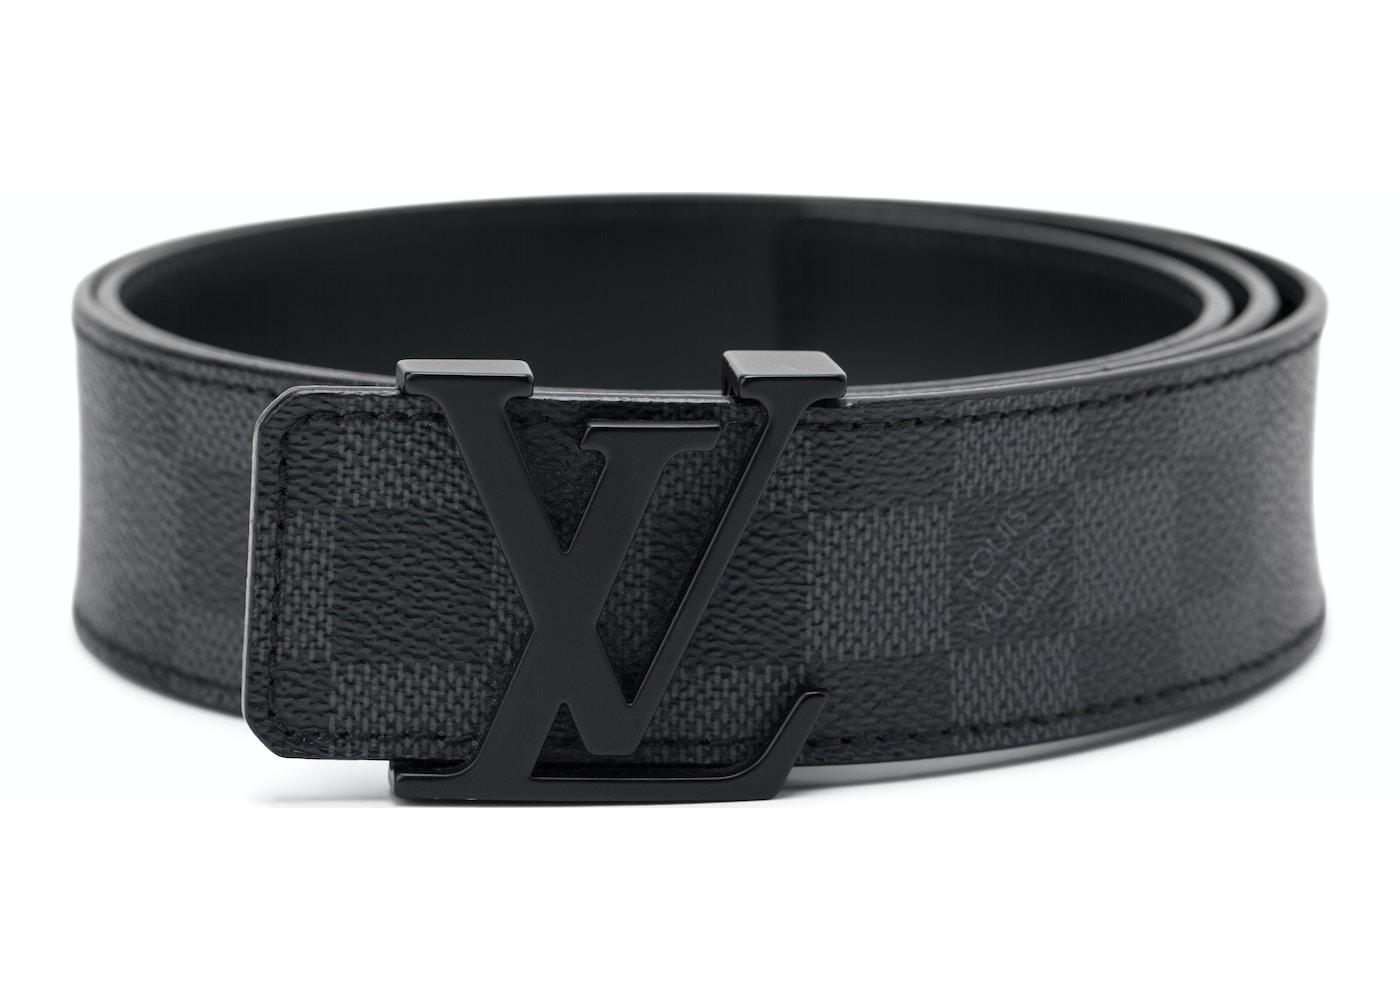 36892f1c0765 Louis Vuitton Belt Initiales Damier Graphite Black Grey. Damier Graphite  Black Grey